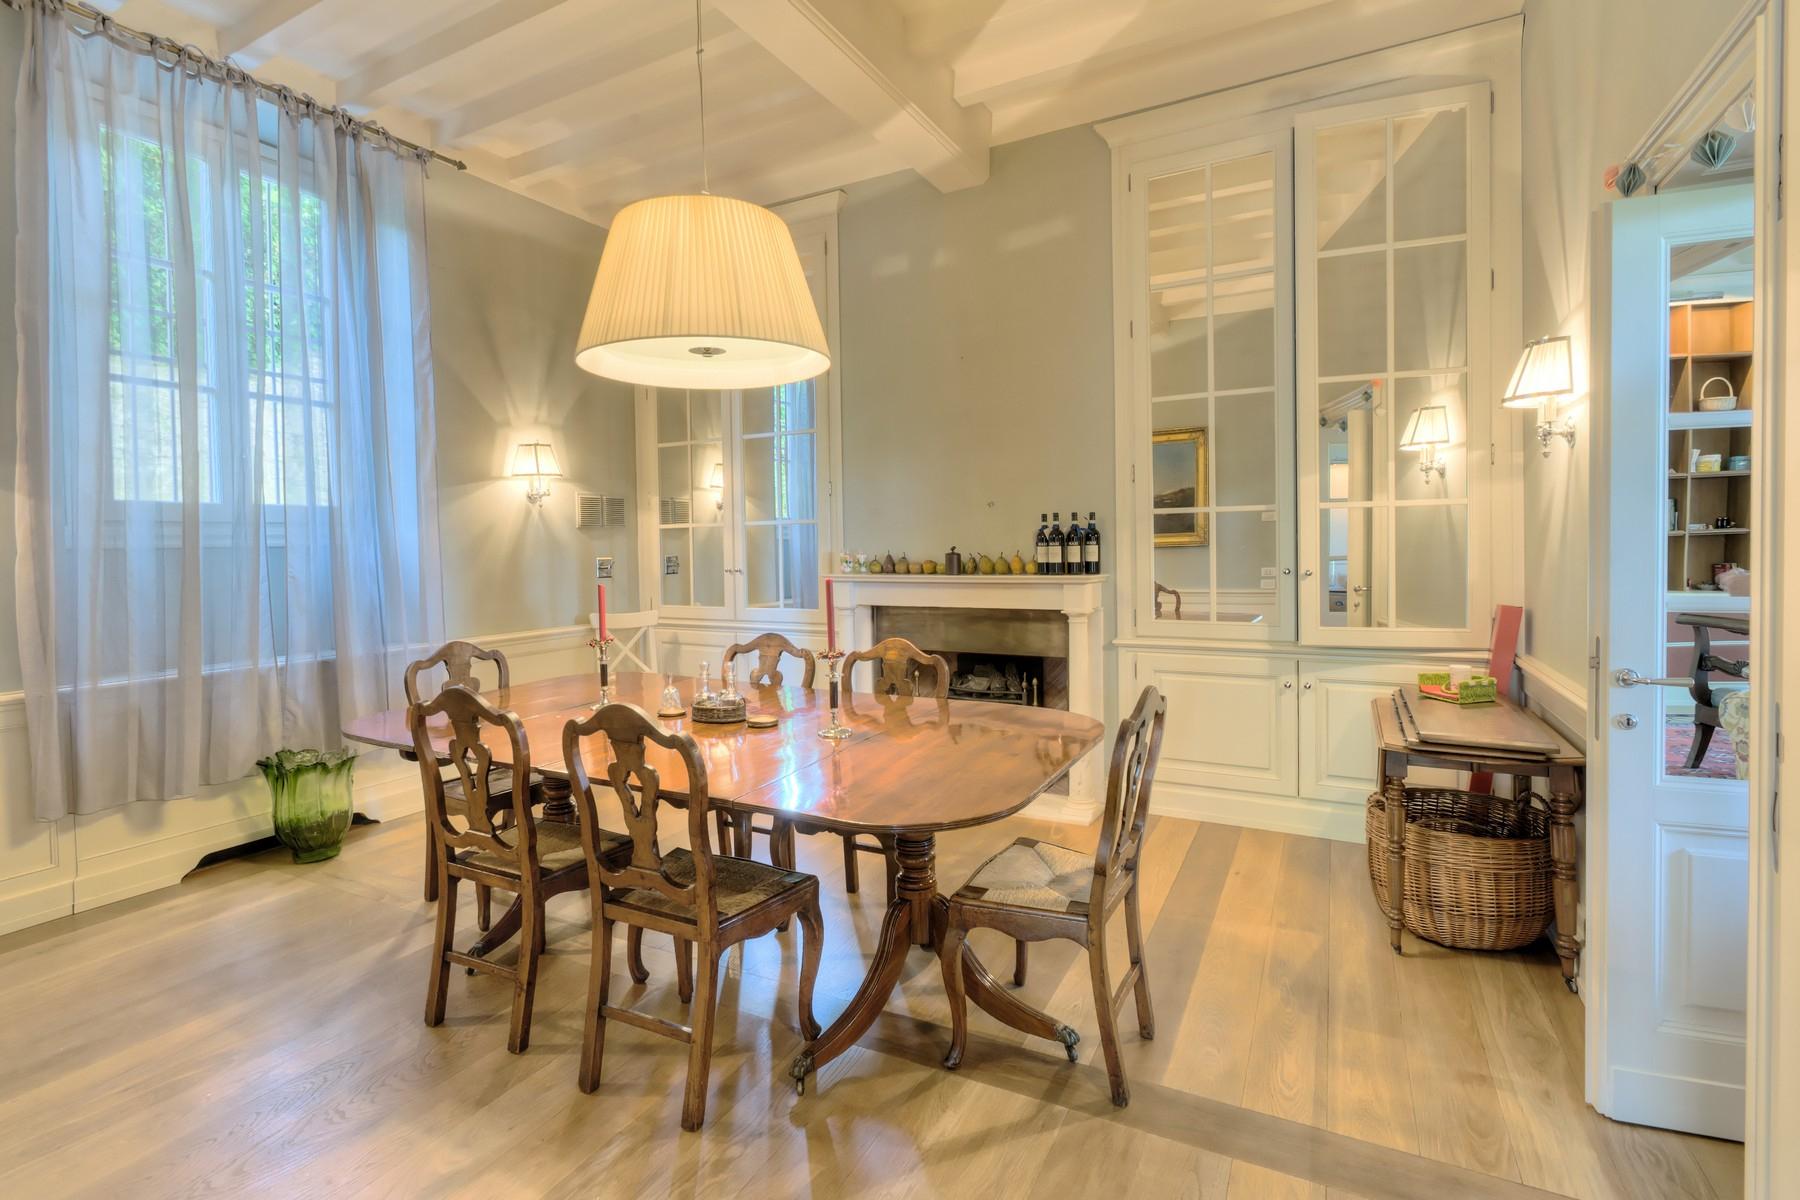 Villa in Vendita a Firenze: 5 locali, 360 mq - Foto 7